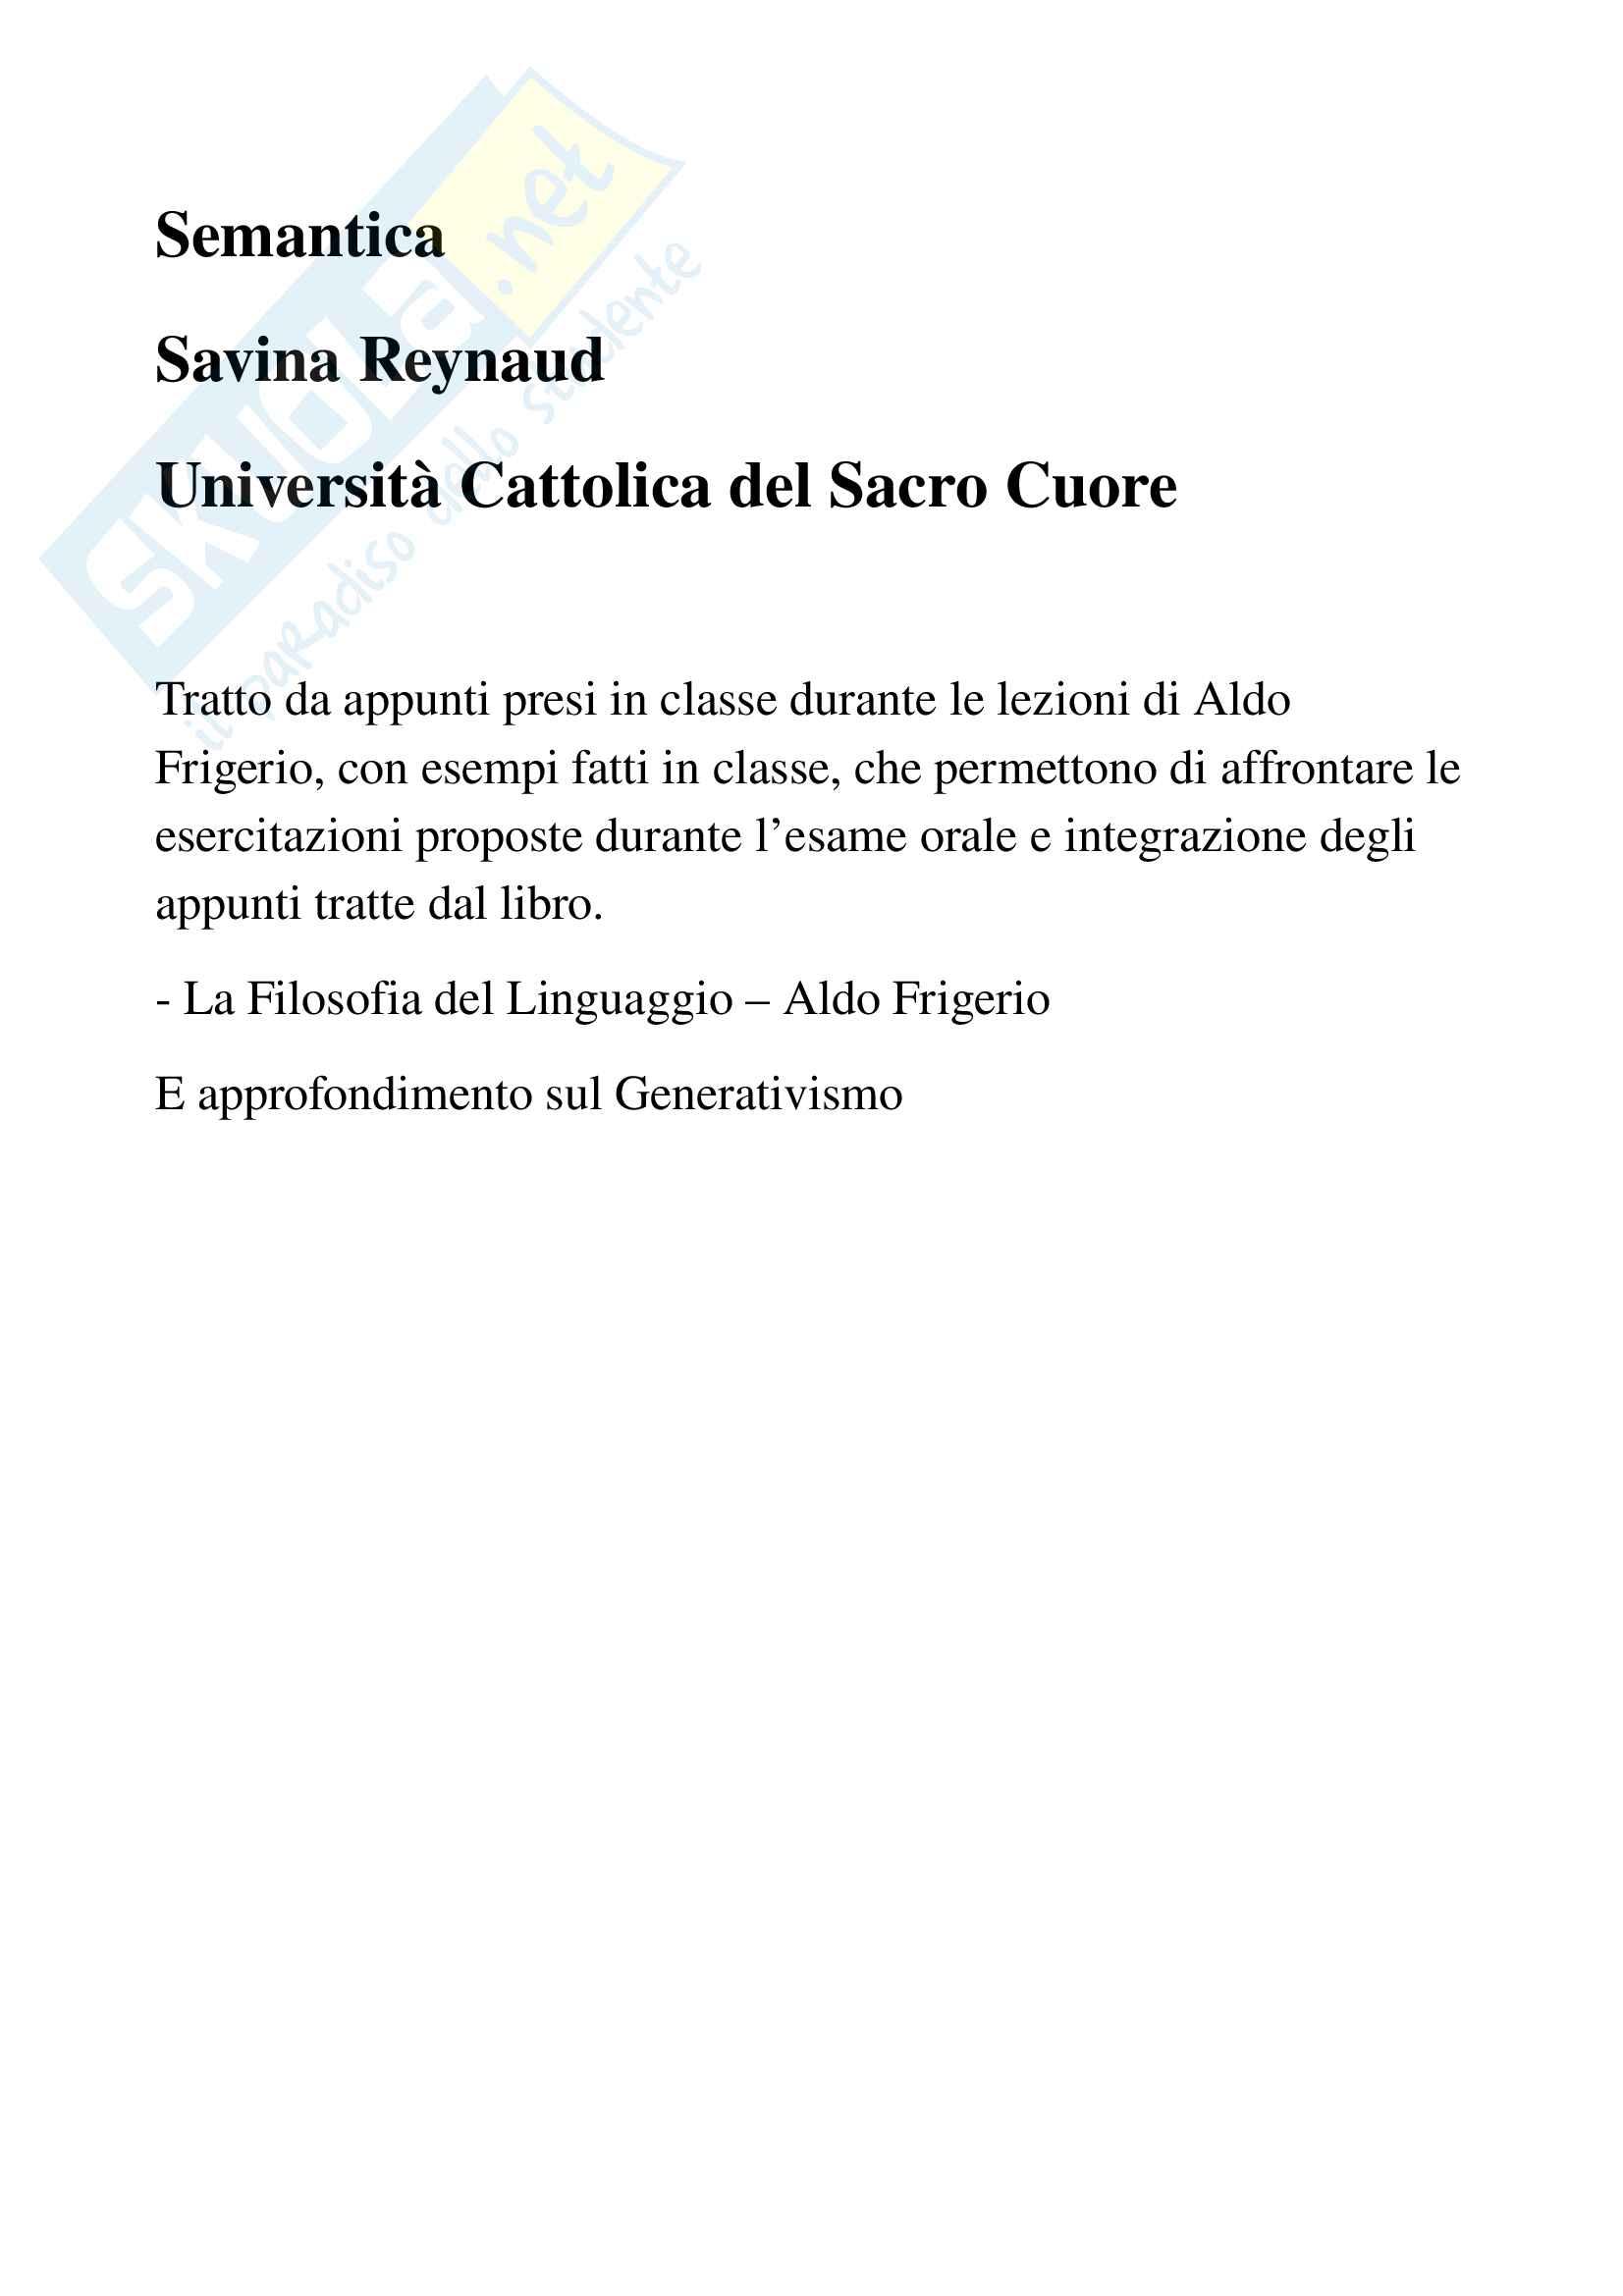 Appunti e riassunti di Semantica, prof. Reynaud, libro consigliato Filosofia del Linguaggio, Aldo Frigerio